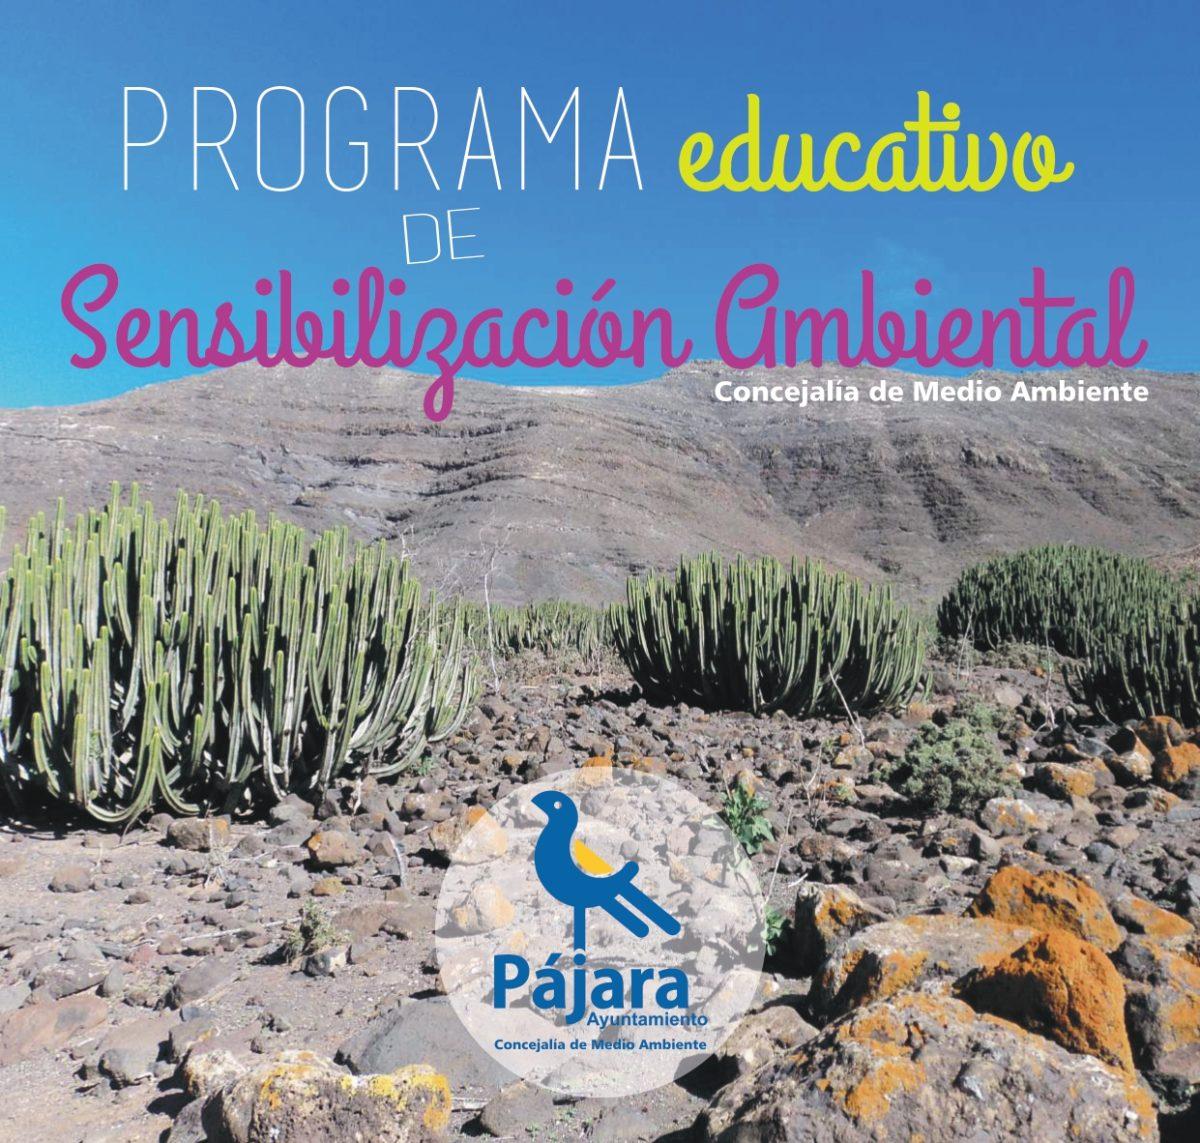 Programación de las rutas y actividades de educación ambiental en Pájara